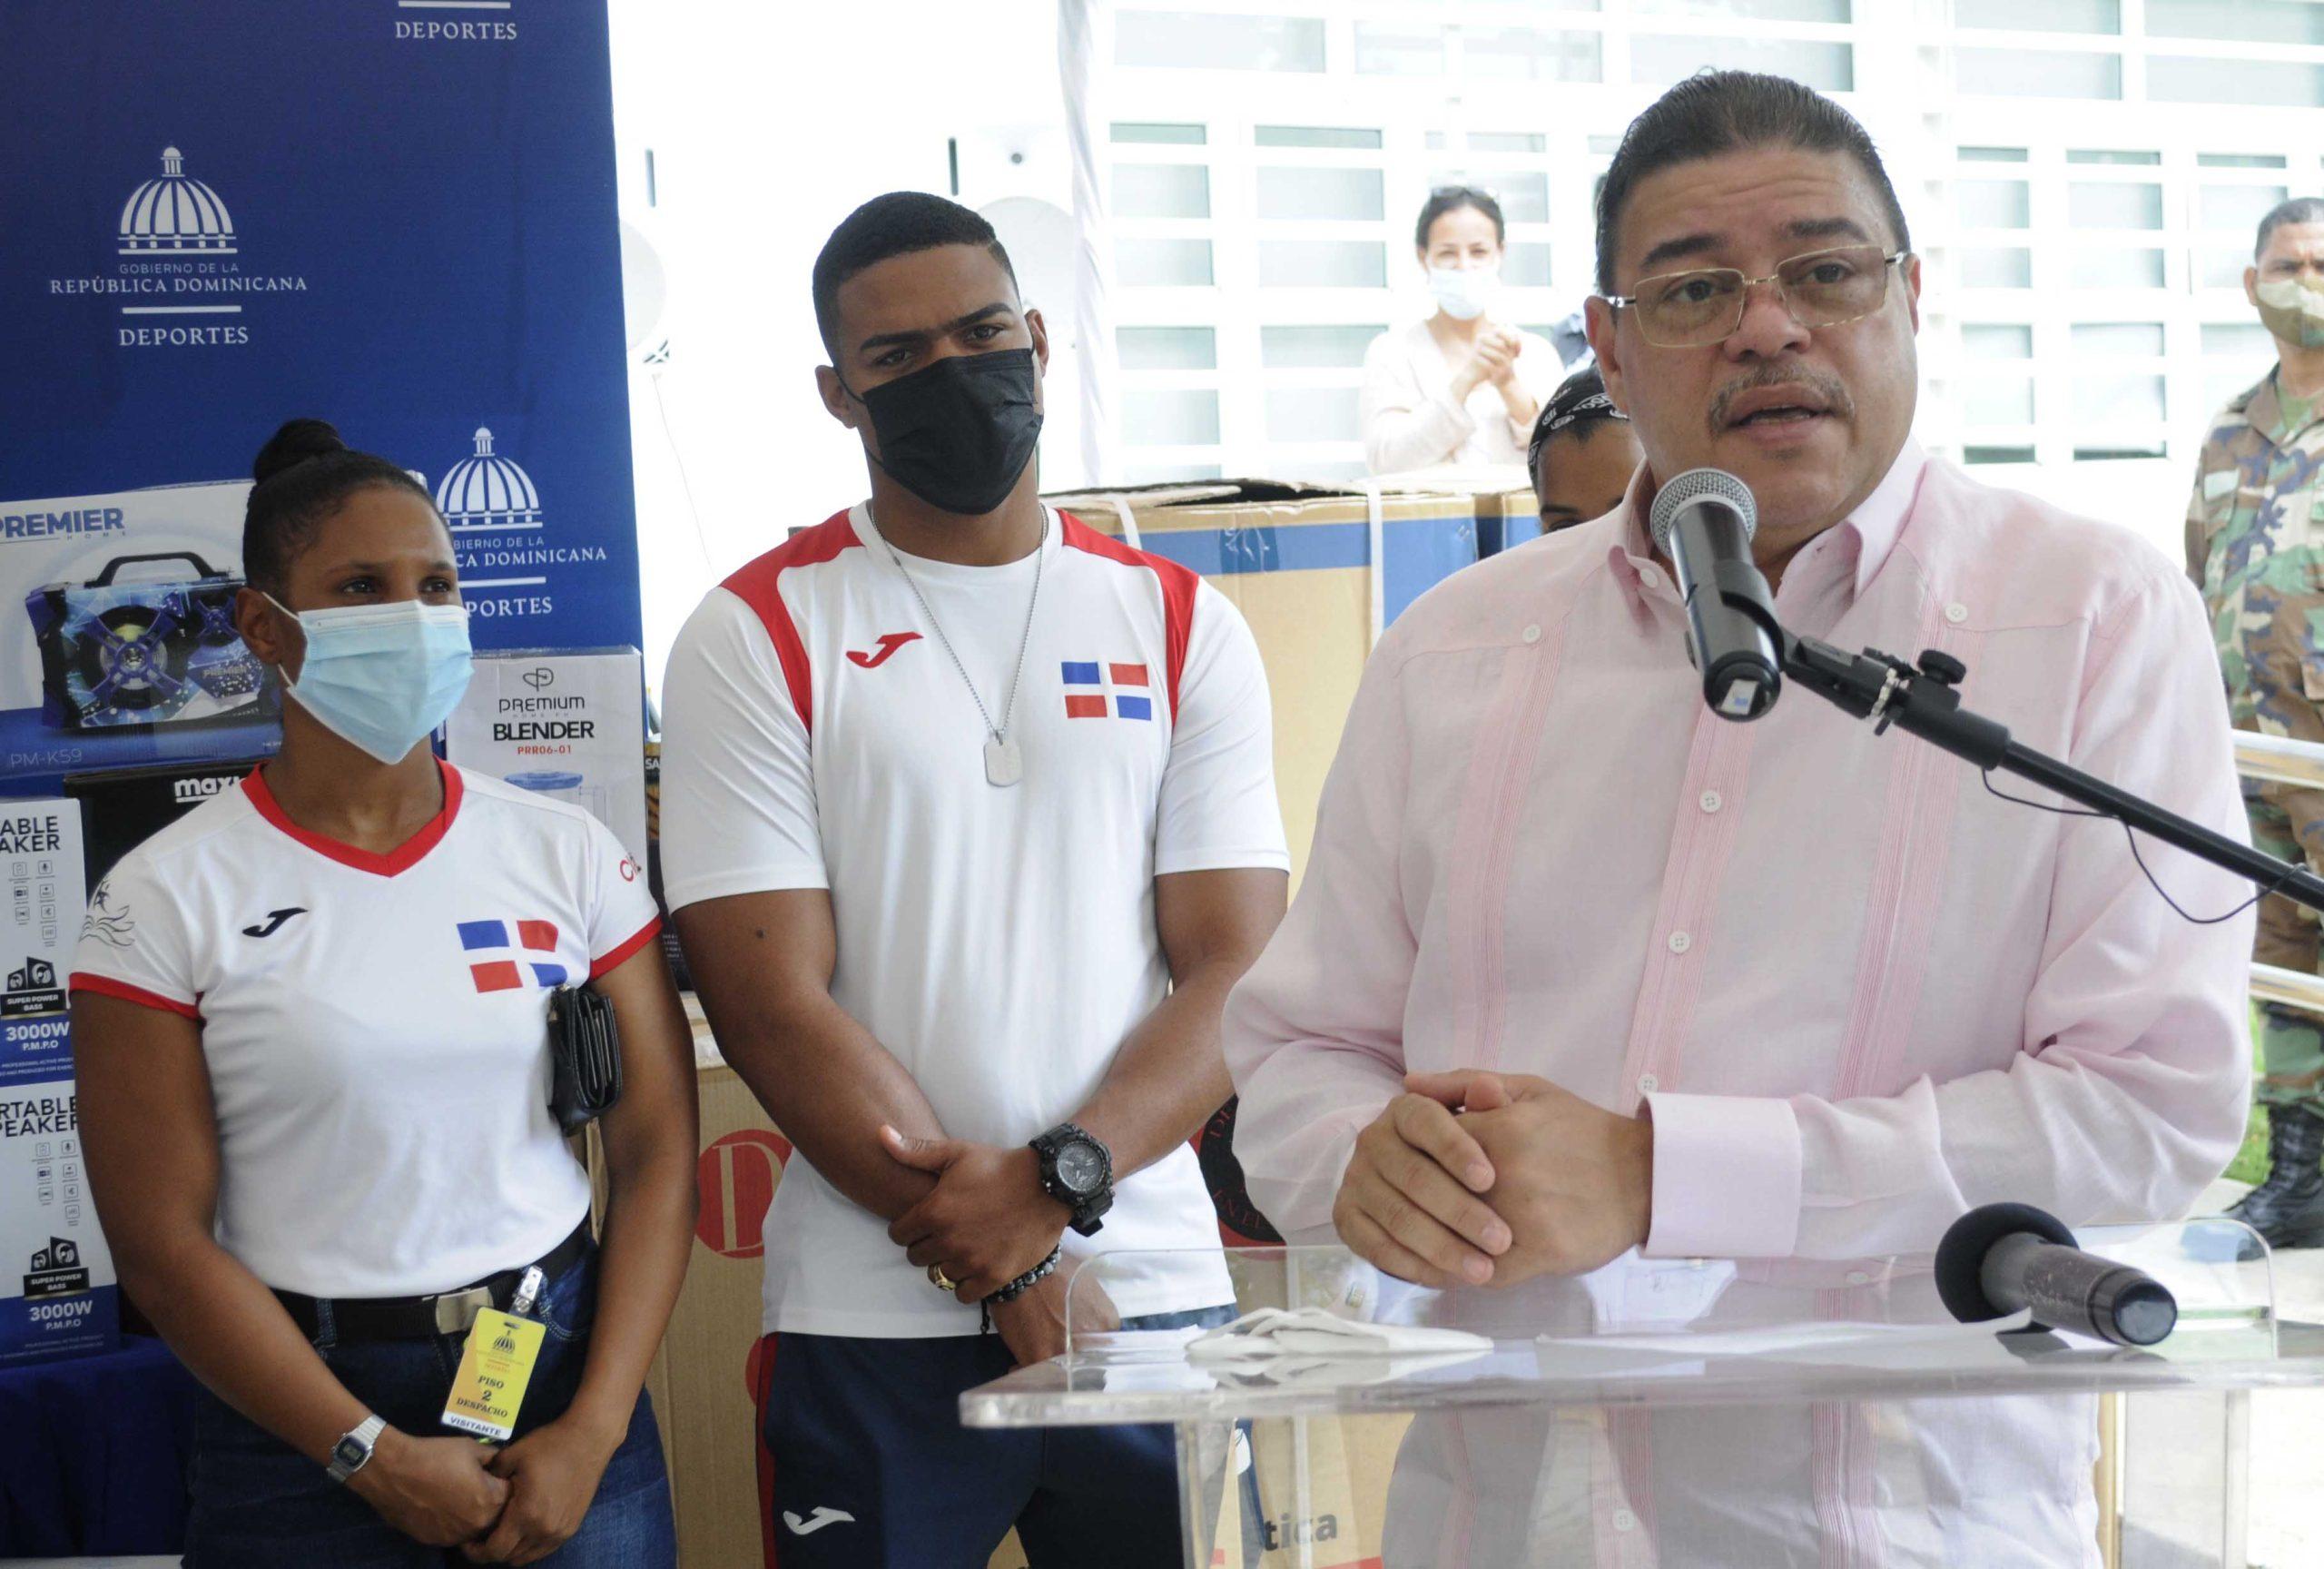 El ministro de Deportes, Francisco Camacho,